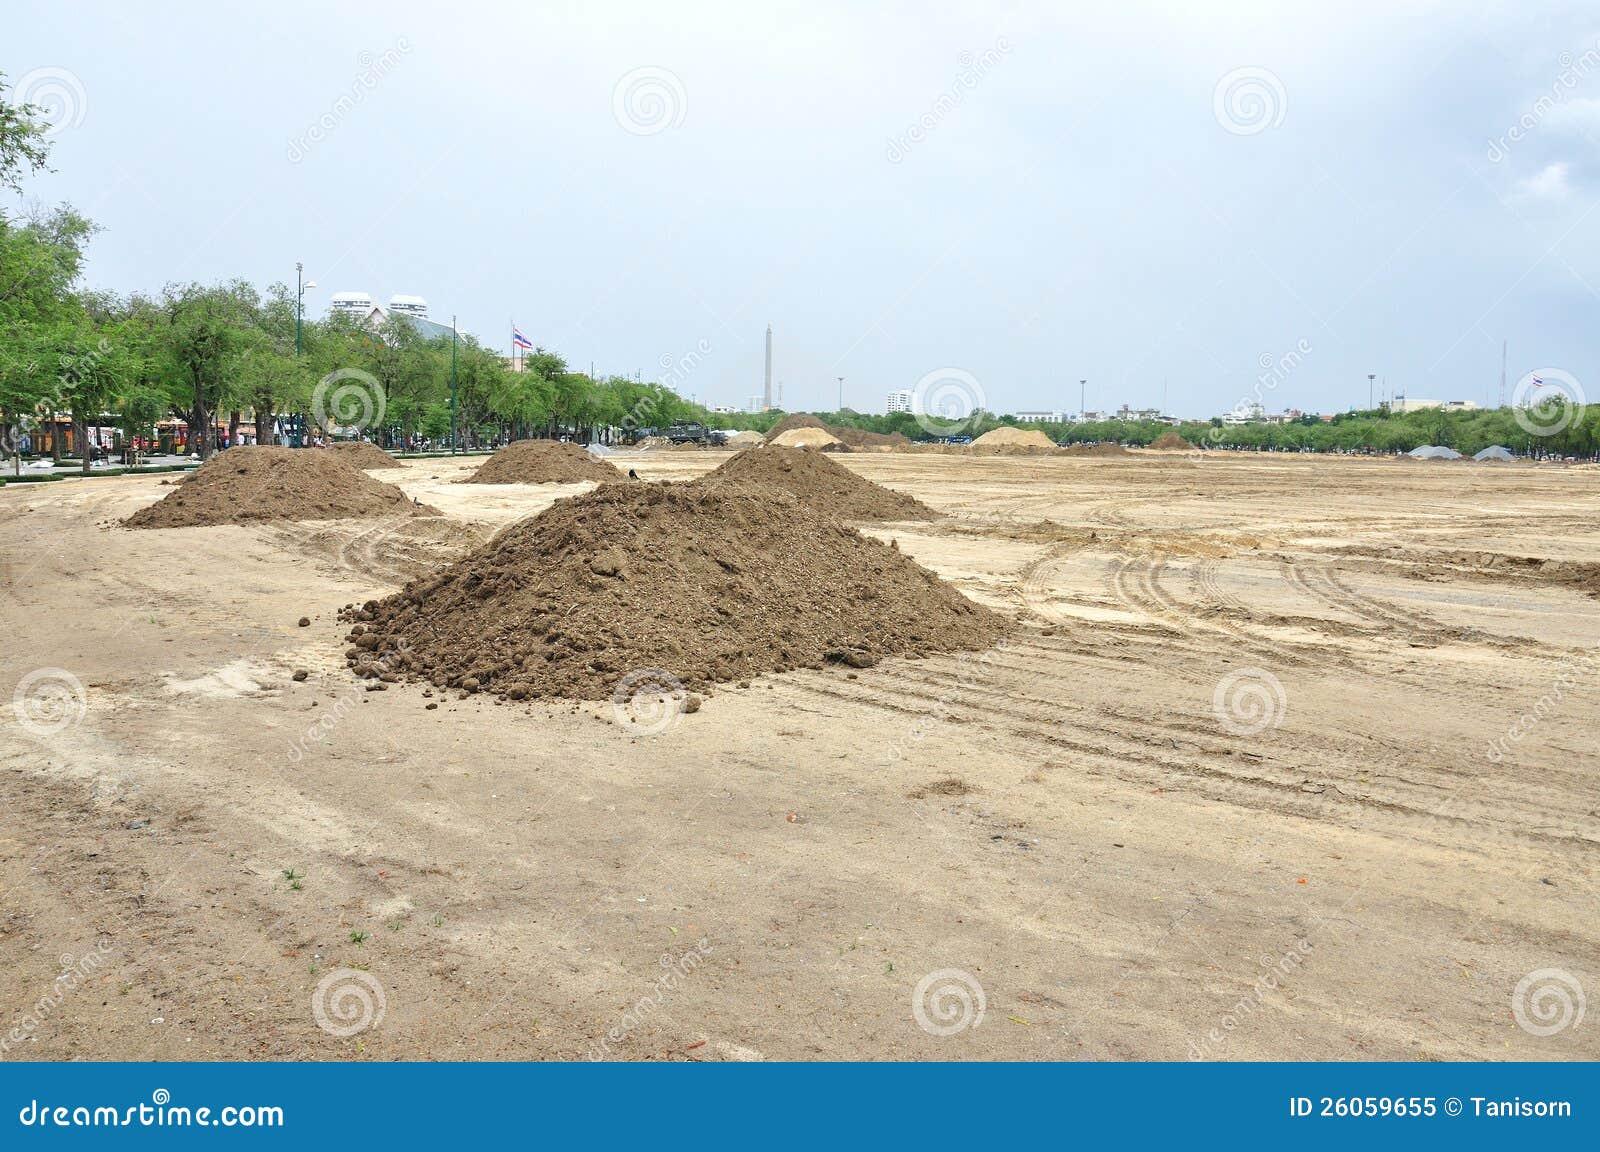 Preparation landscape for construction